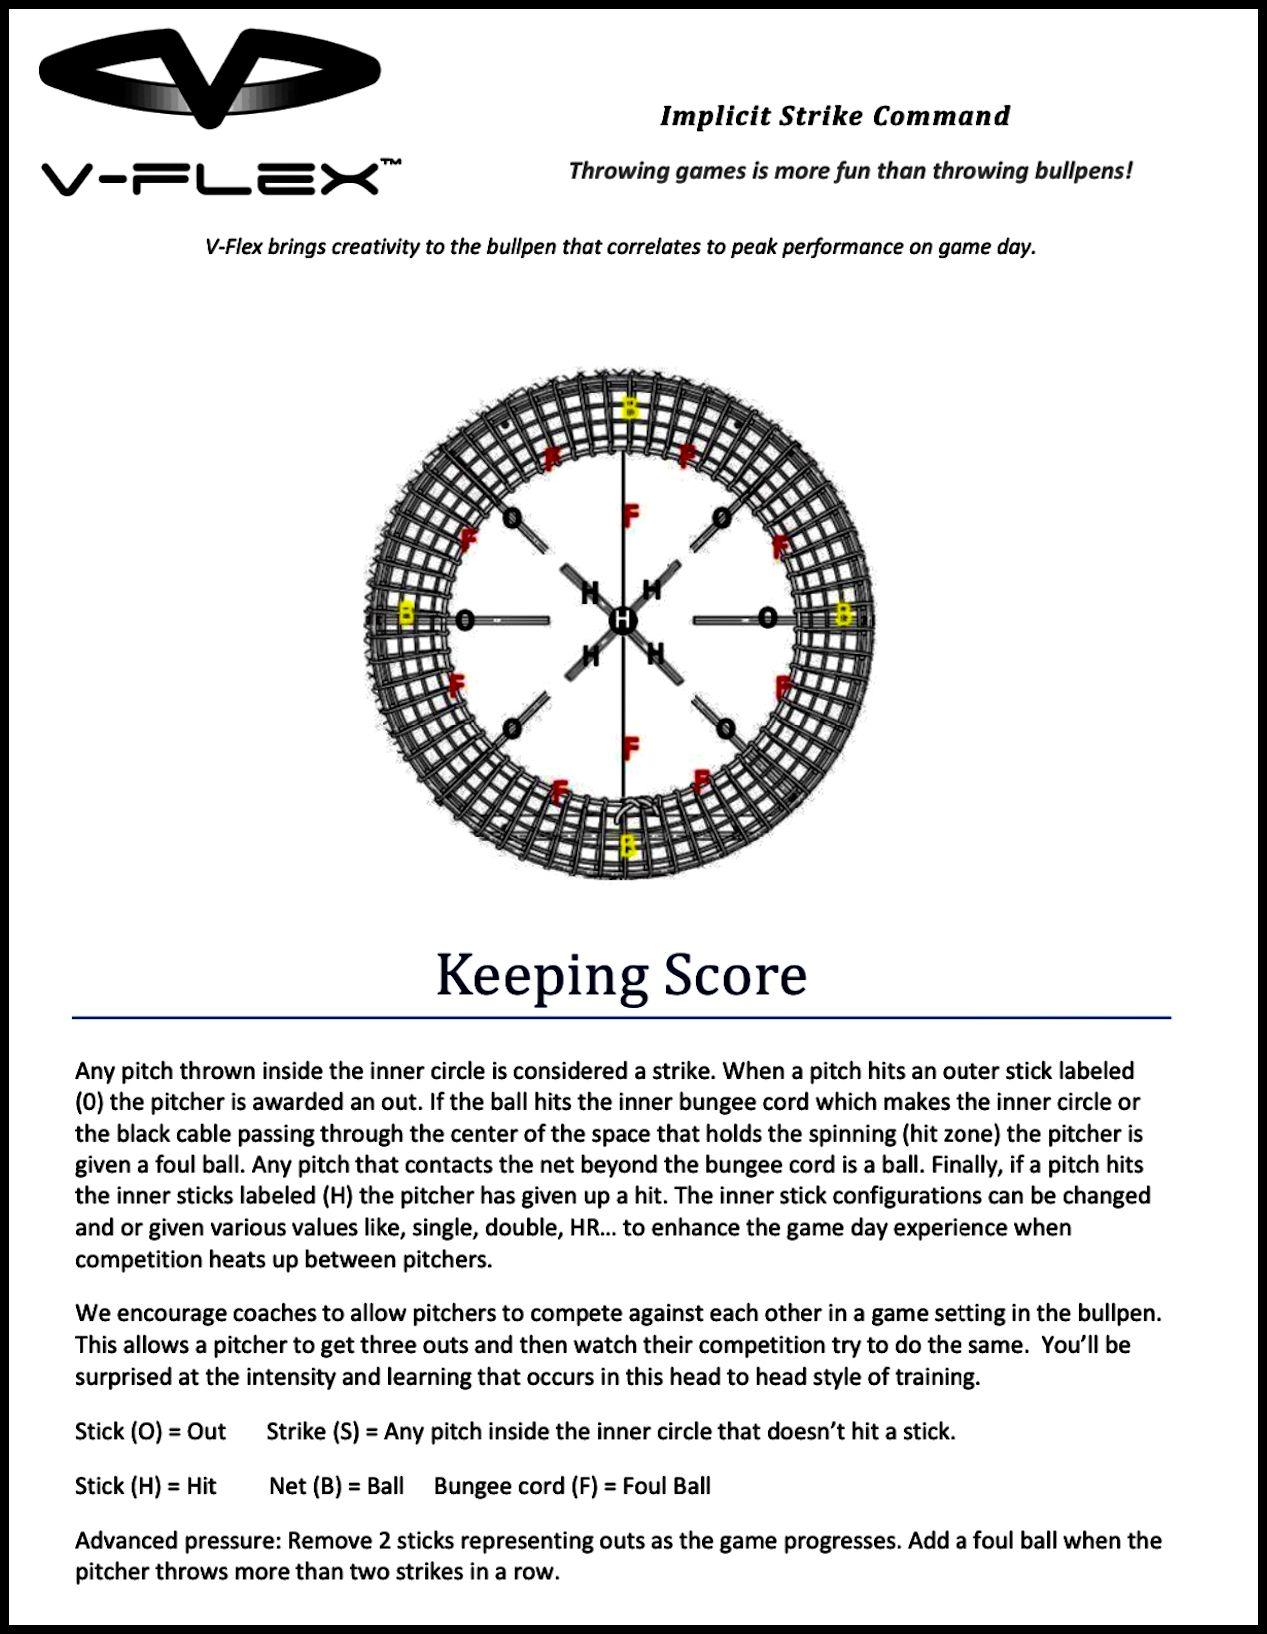 img-1443-keeping-score.jpg